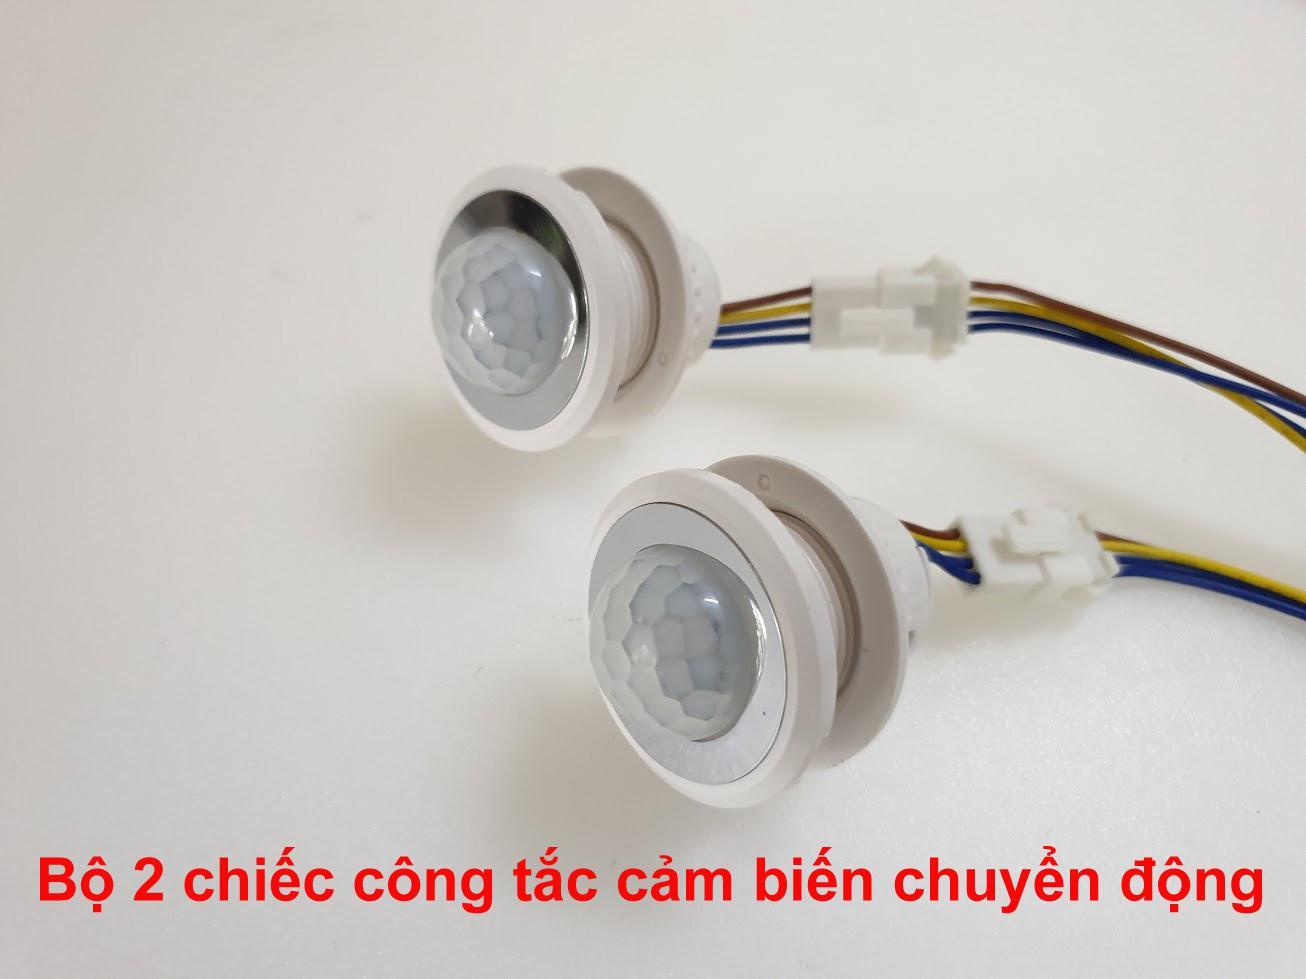 Bộ 2 Chiếc công tắc cảm biến chuyển động hồng ngoại, vnled, vietnamled, 0936395395